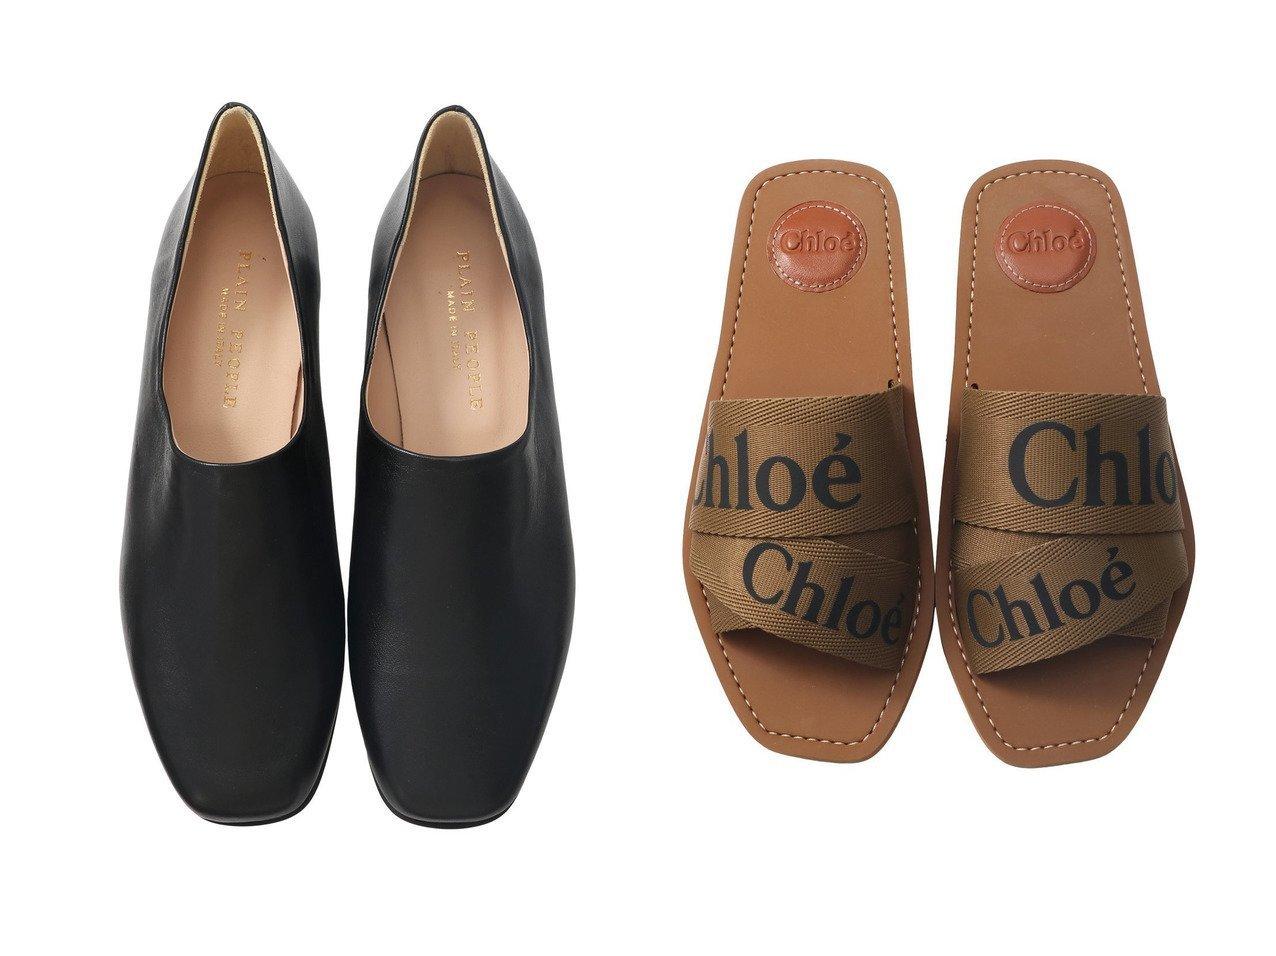 【PLAIN PEOPLE/プレインピープル】の【CORSO ROMA9】レザーフラットスリッポンシューズ&【CHLOE/クロエ】のWOODY ロゴフラットサンダル 【シューズ・靴】おすすめ!人気、トレンド・レディースファッションの通販 おすすめで人気の流行・トレンド、ファッションの通販商品 メンズファッション・キッズファッション・インテリア・家具・レディースファッション・服の通販 founy(ファニー) https://founy.com/ ファッション Fashion レディースファッション WOMEN S/S・春夏 SS・Spring/Summer サンダル フラット リゾート 春 Spring イタリア シューズ シンプル  ID:crp329100000029169